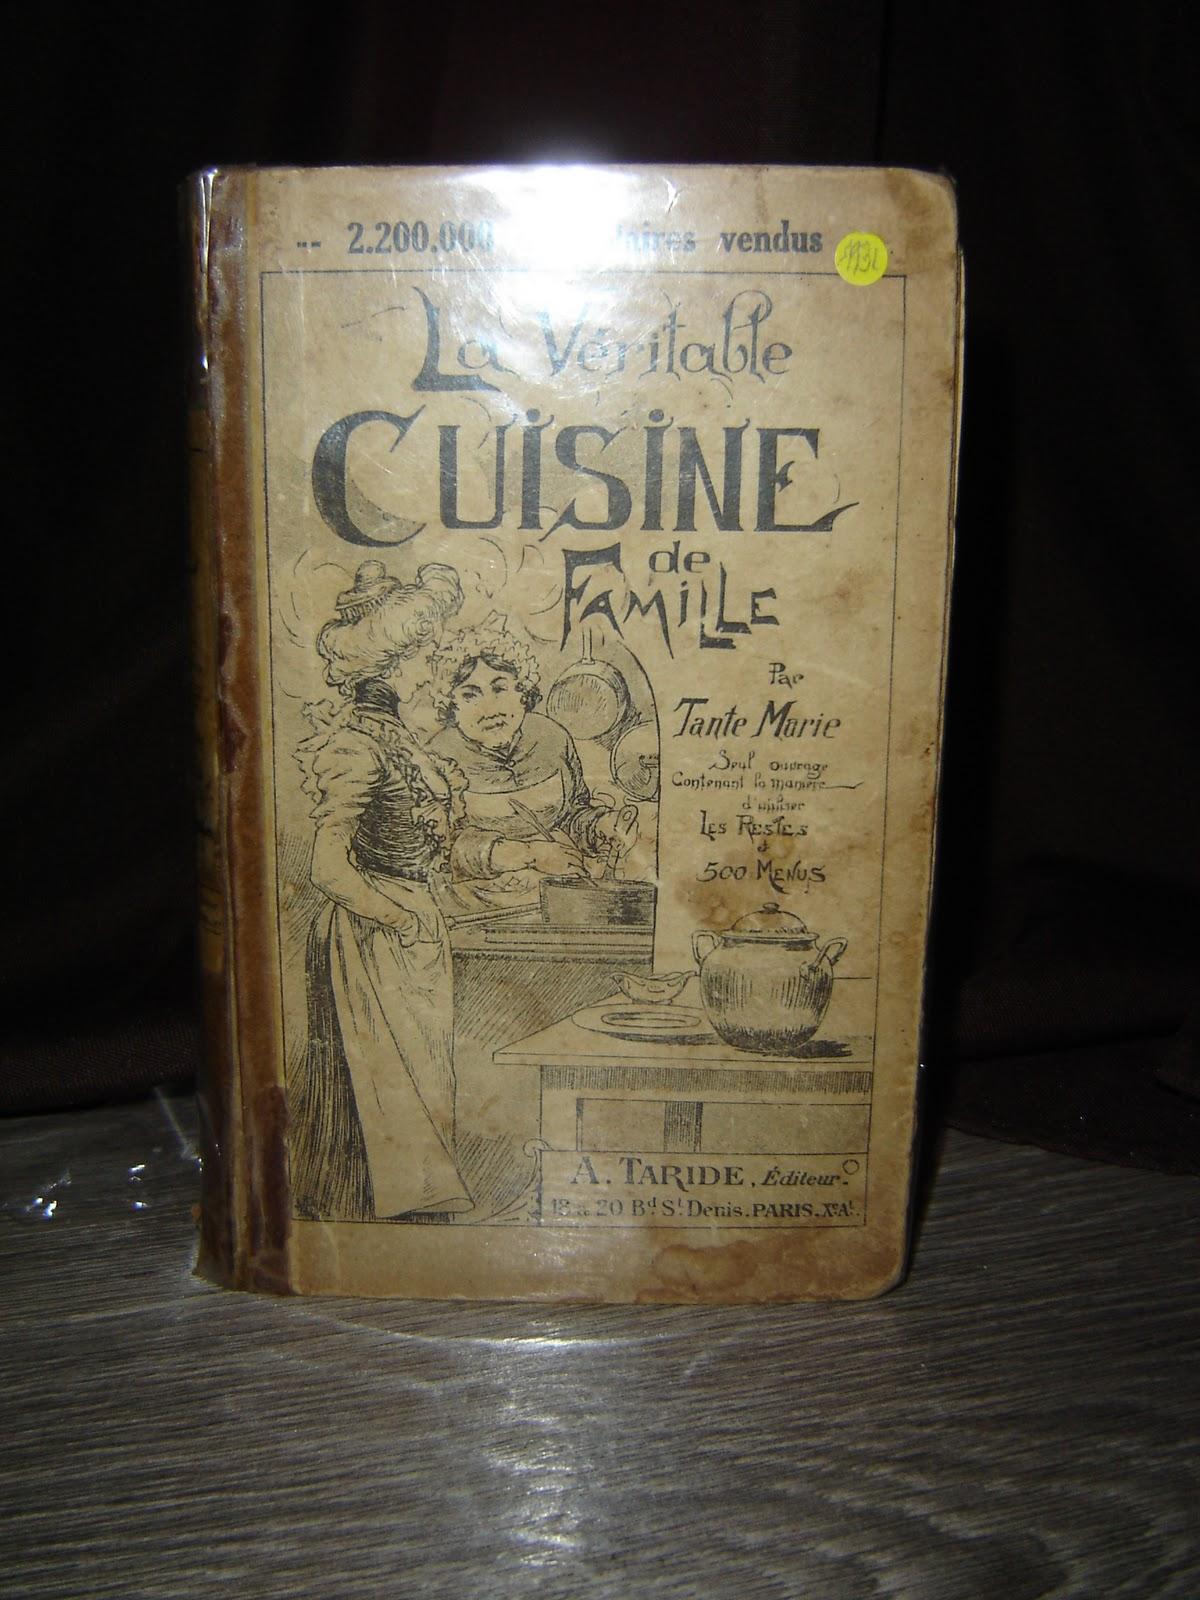 Objets anciens et insolites for Anciens livres de cuisine